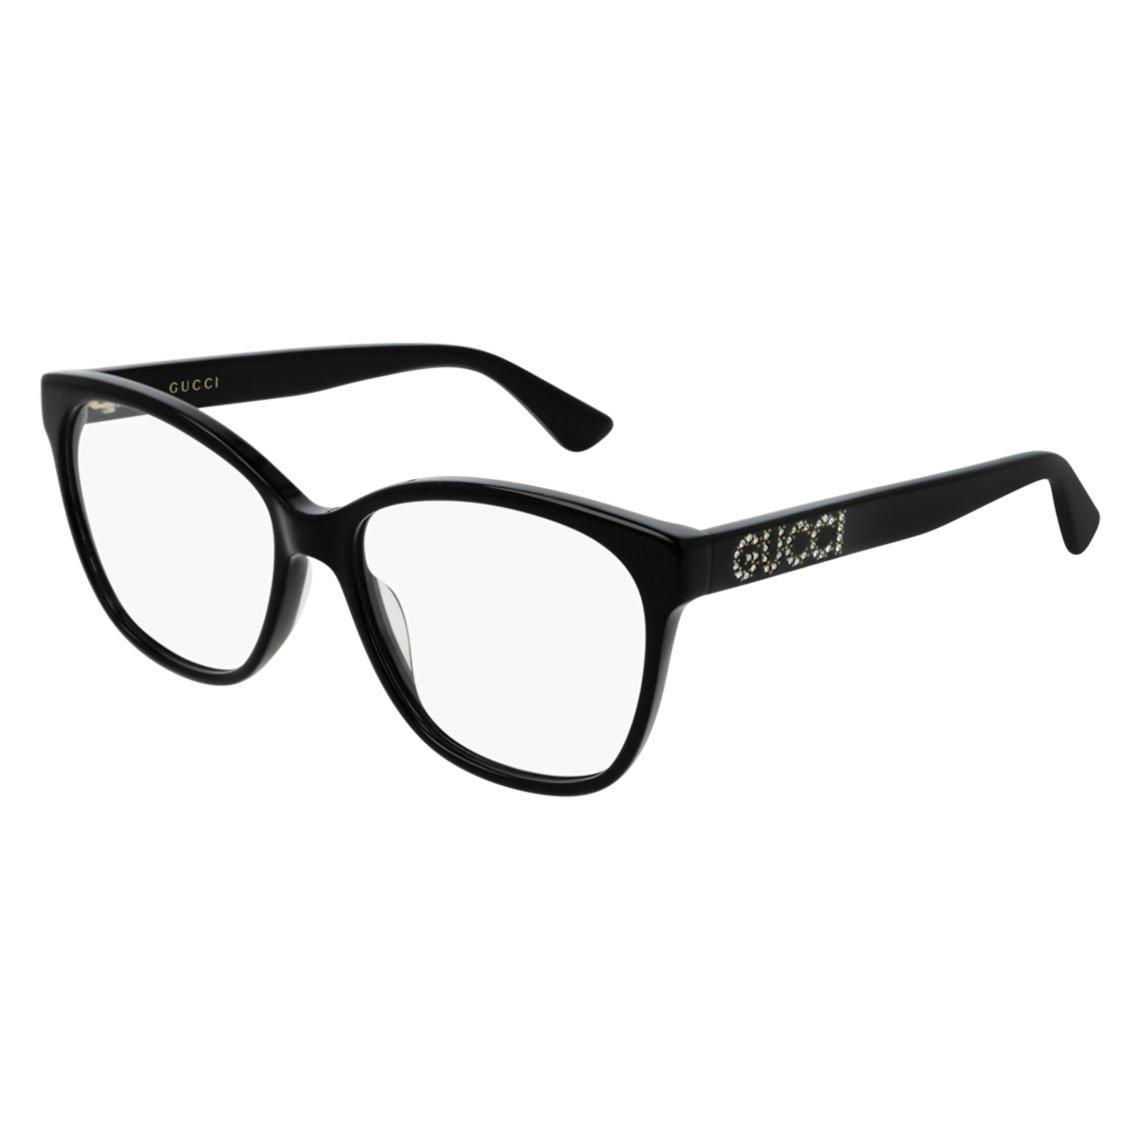 Gucci GG0421O 001 5516